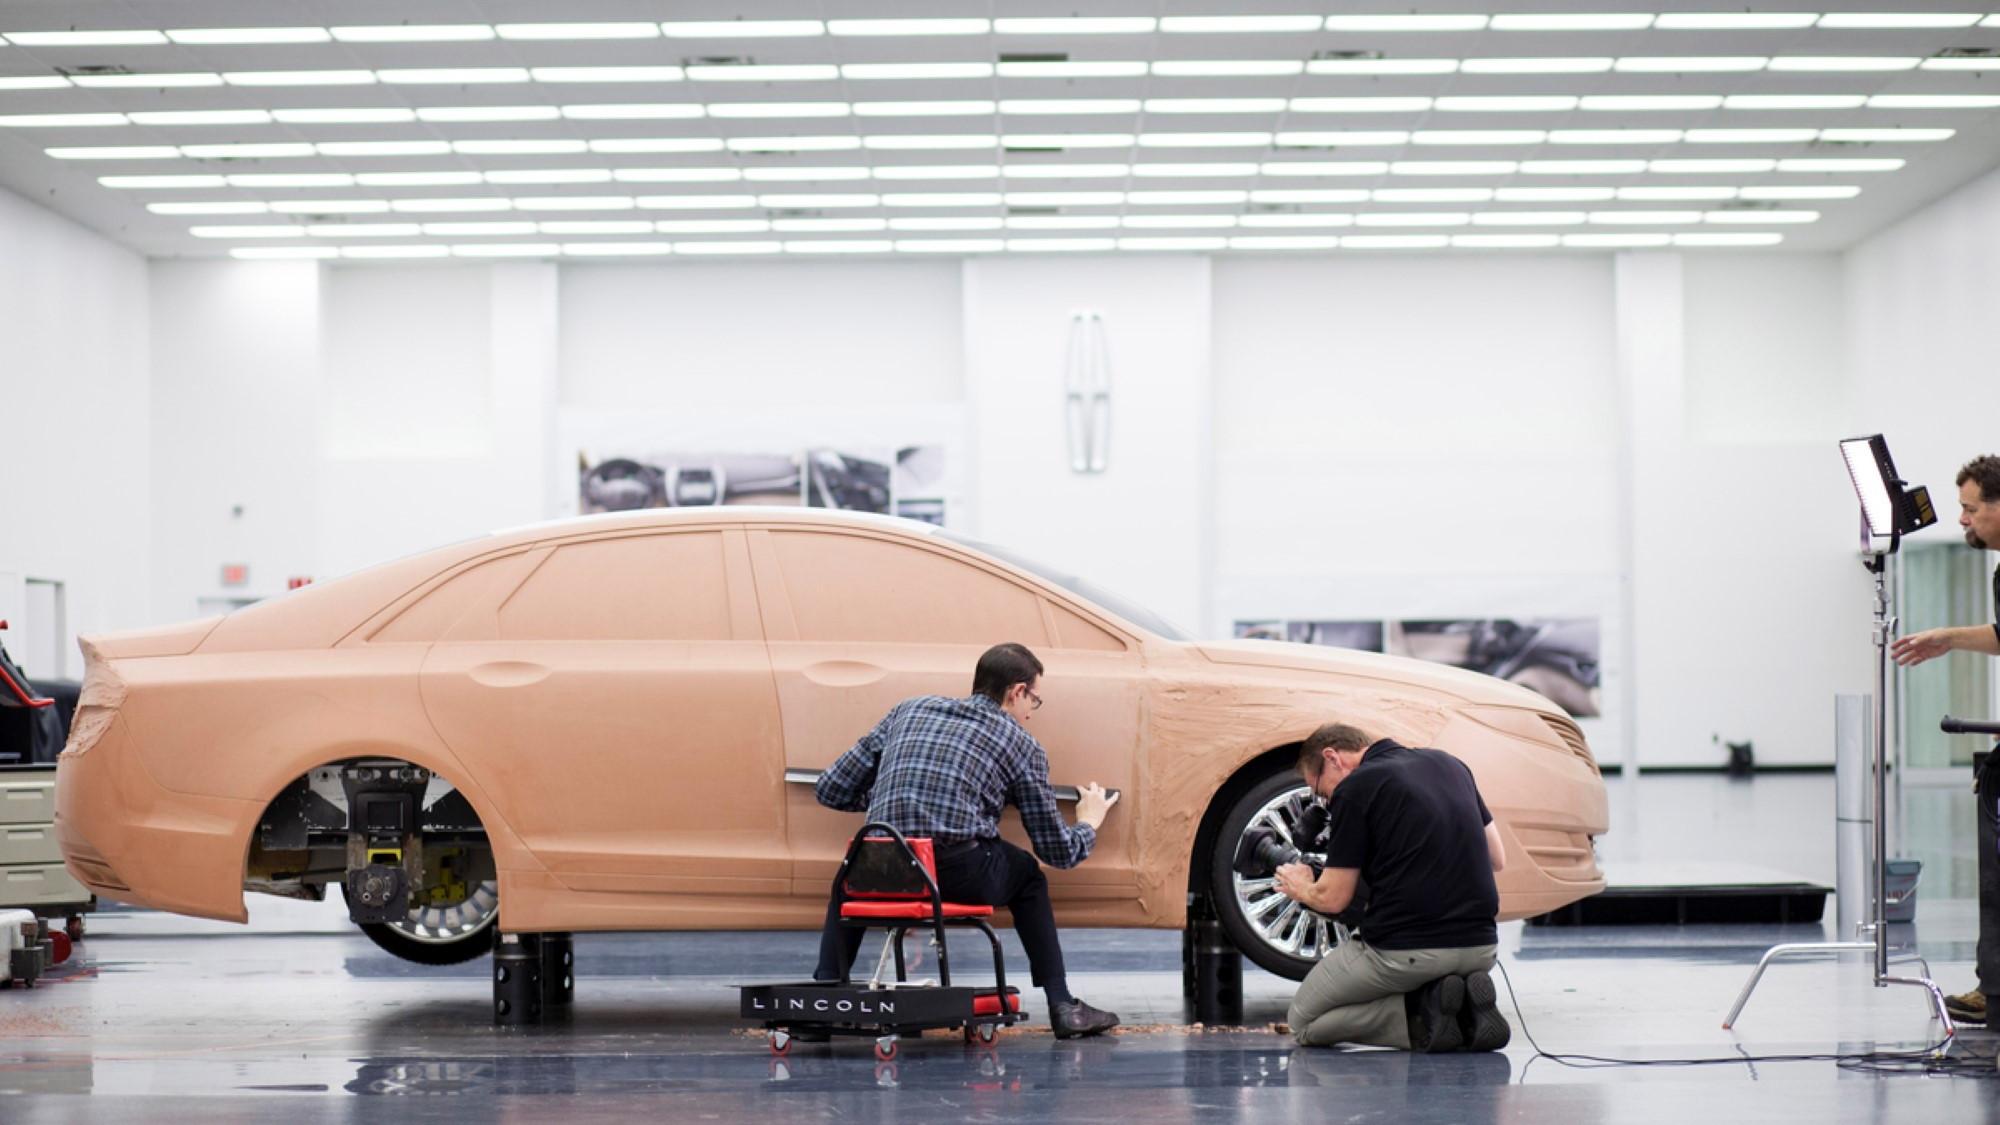 Lincoln opens new Design Center